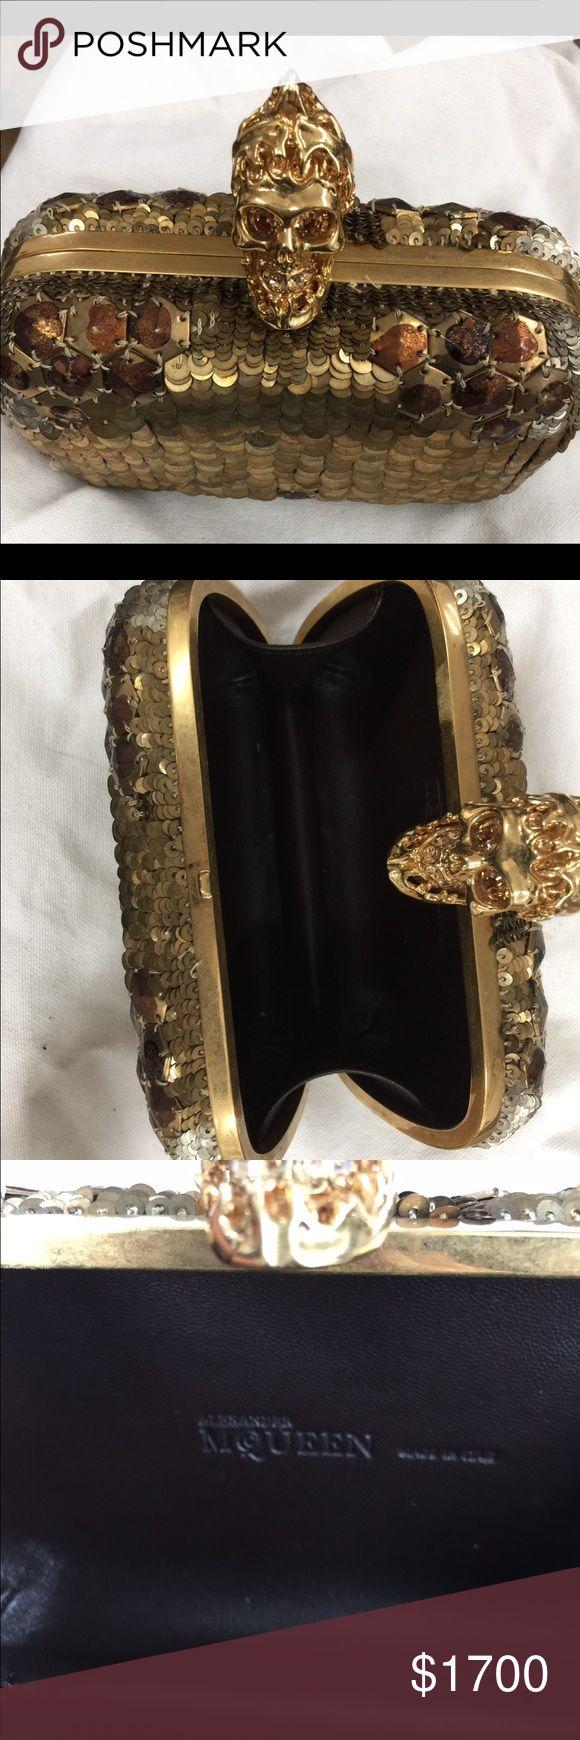 Alexander McQueen gold sequin clutch Alexander MCQUEEN sequin gold clutch mint condition thank you!!! Alexander McQueen Bags Clutches & Wristlets